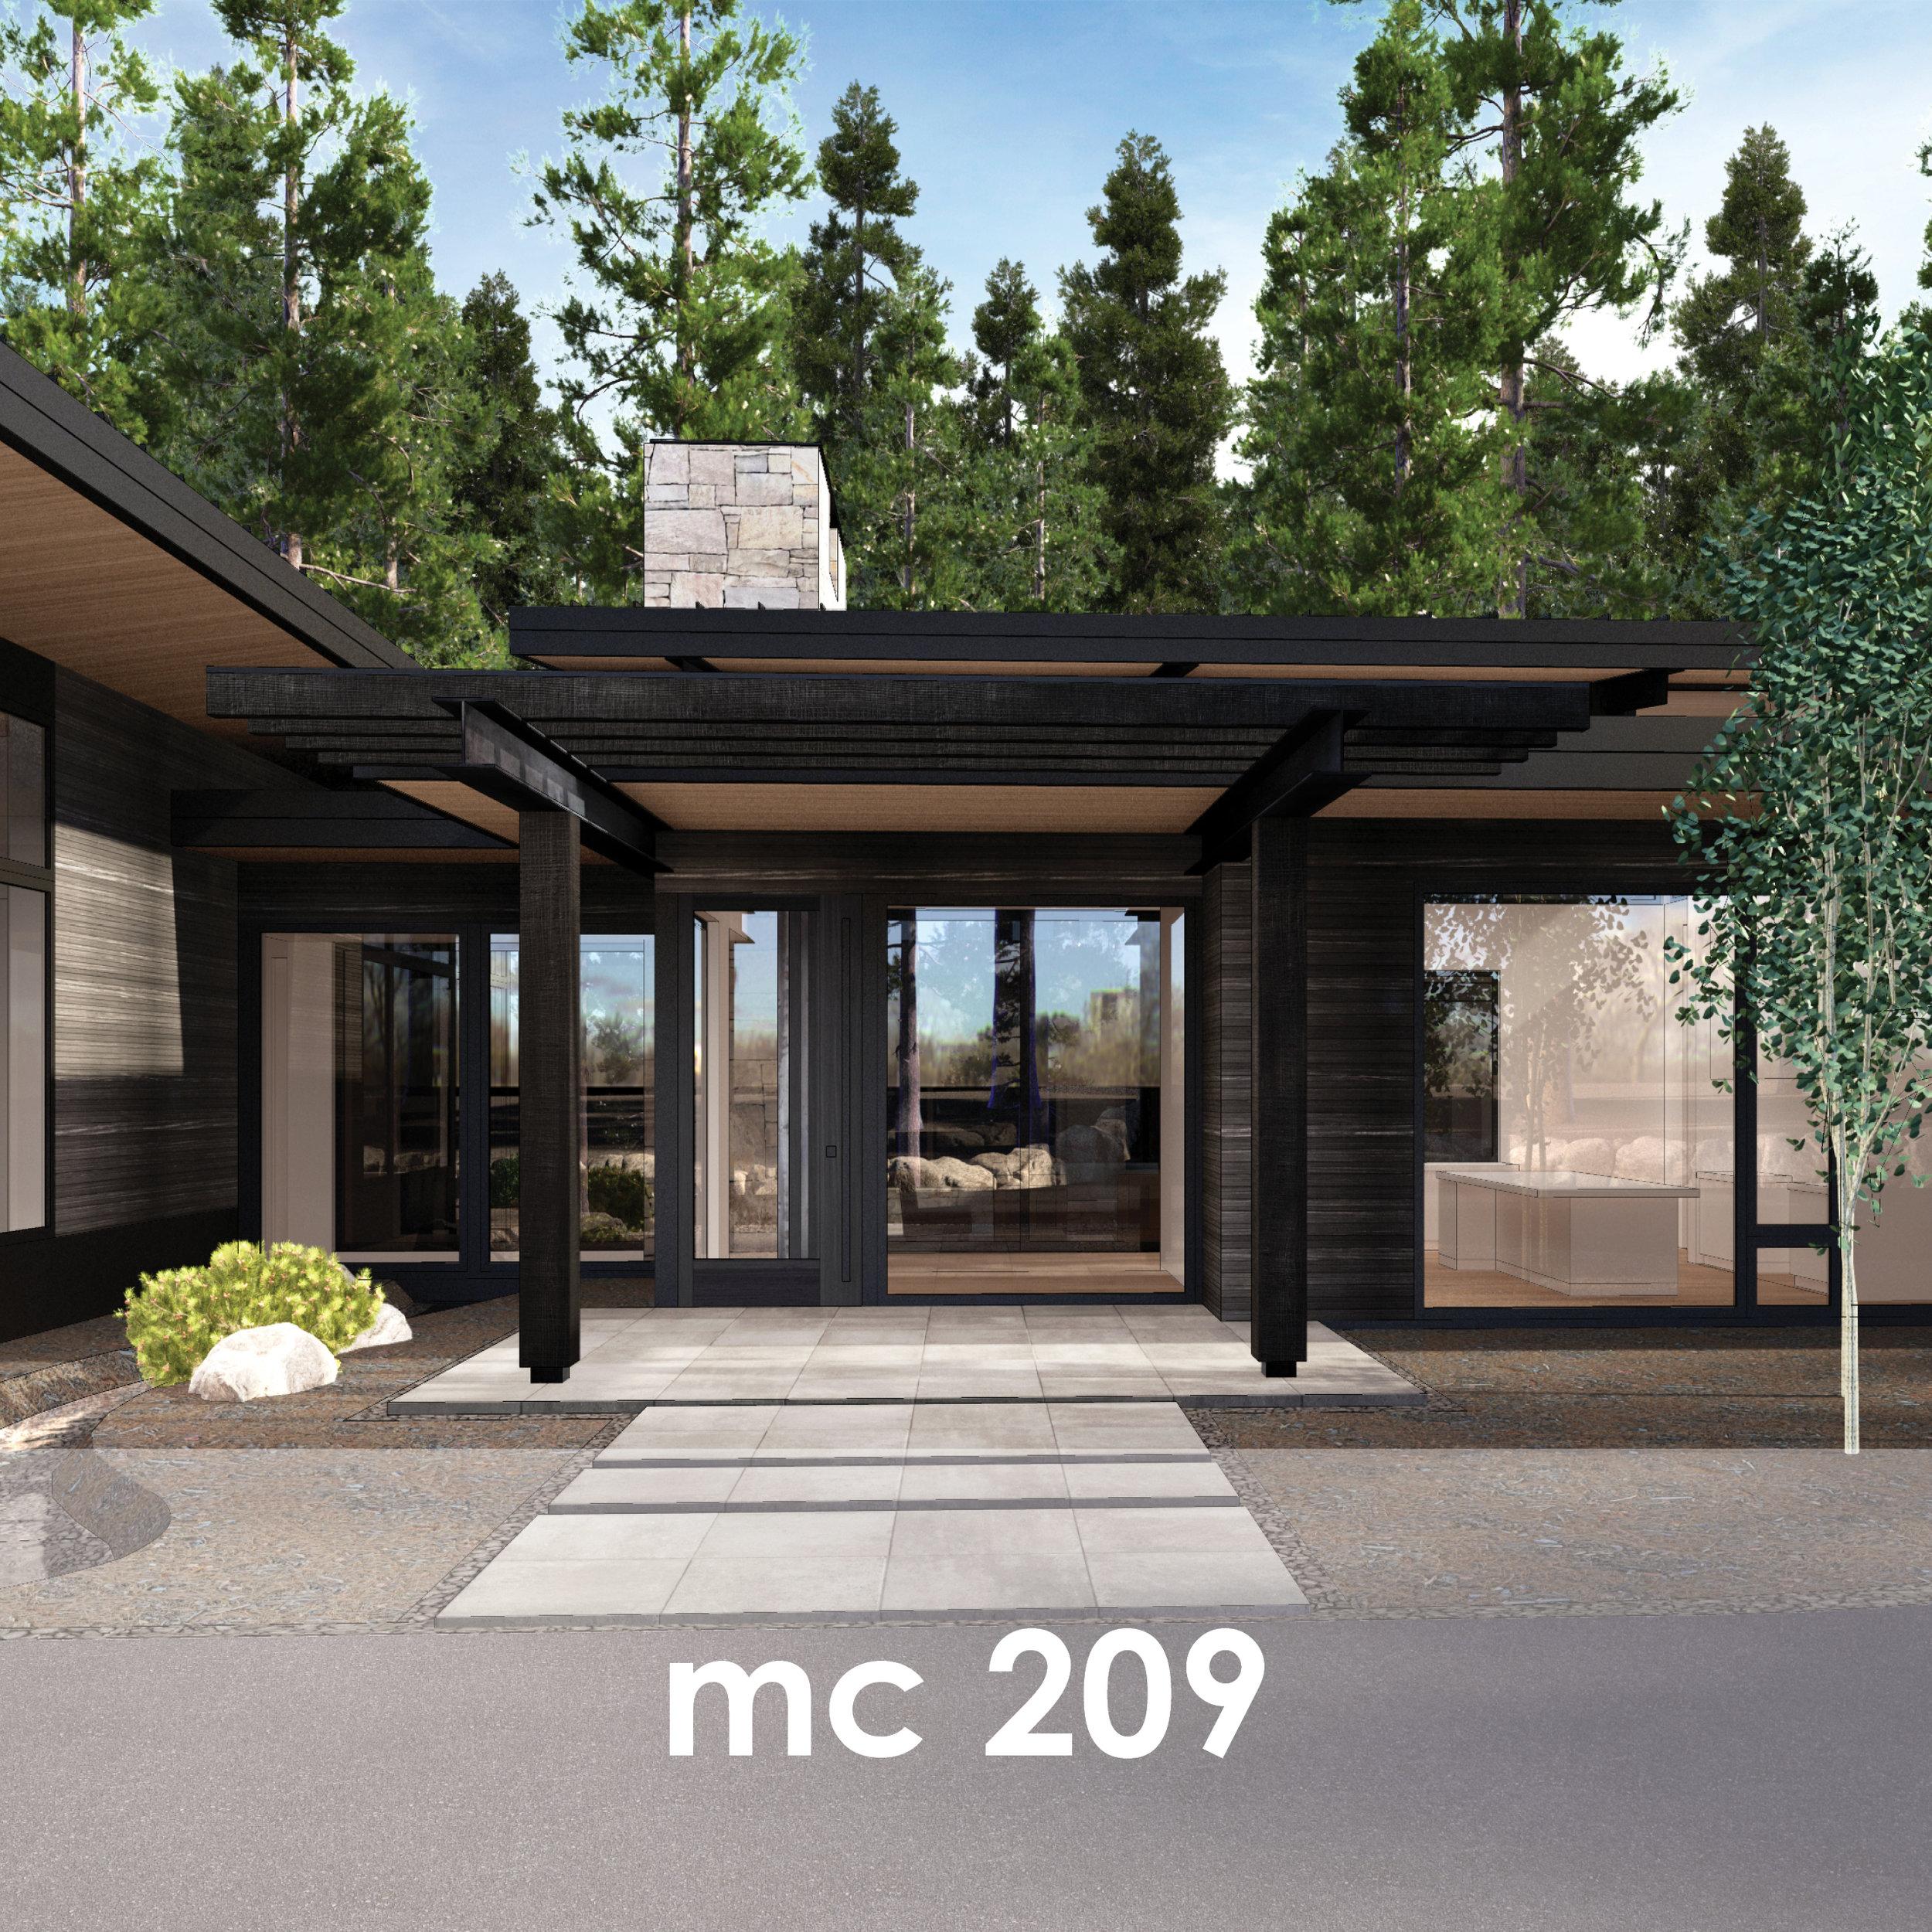 mc-209 Kwei.jpg